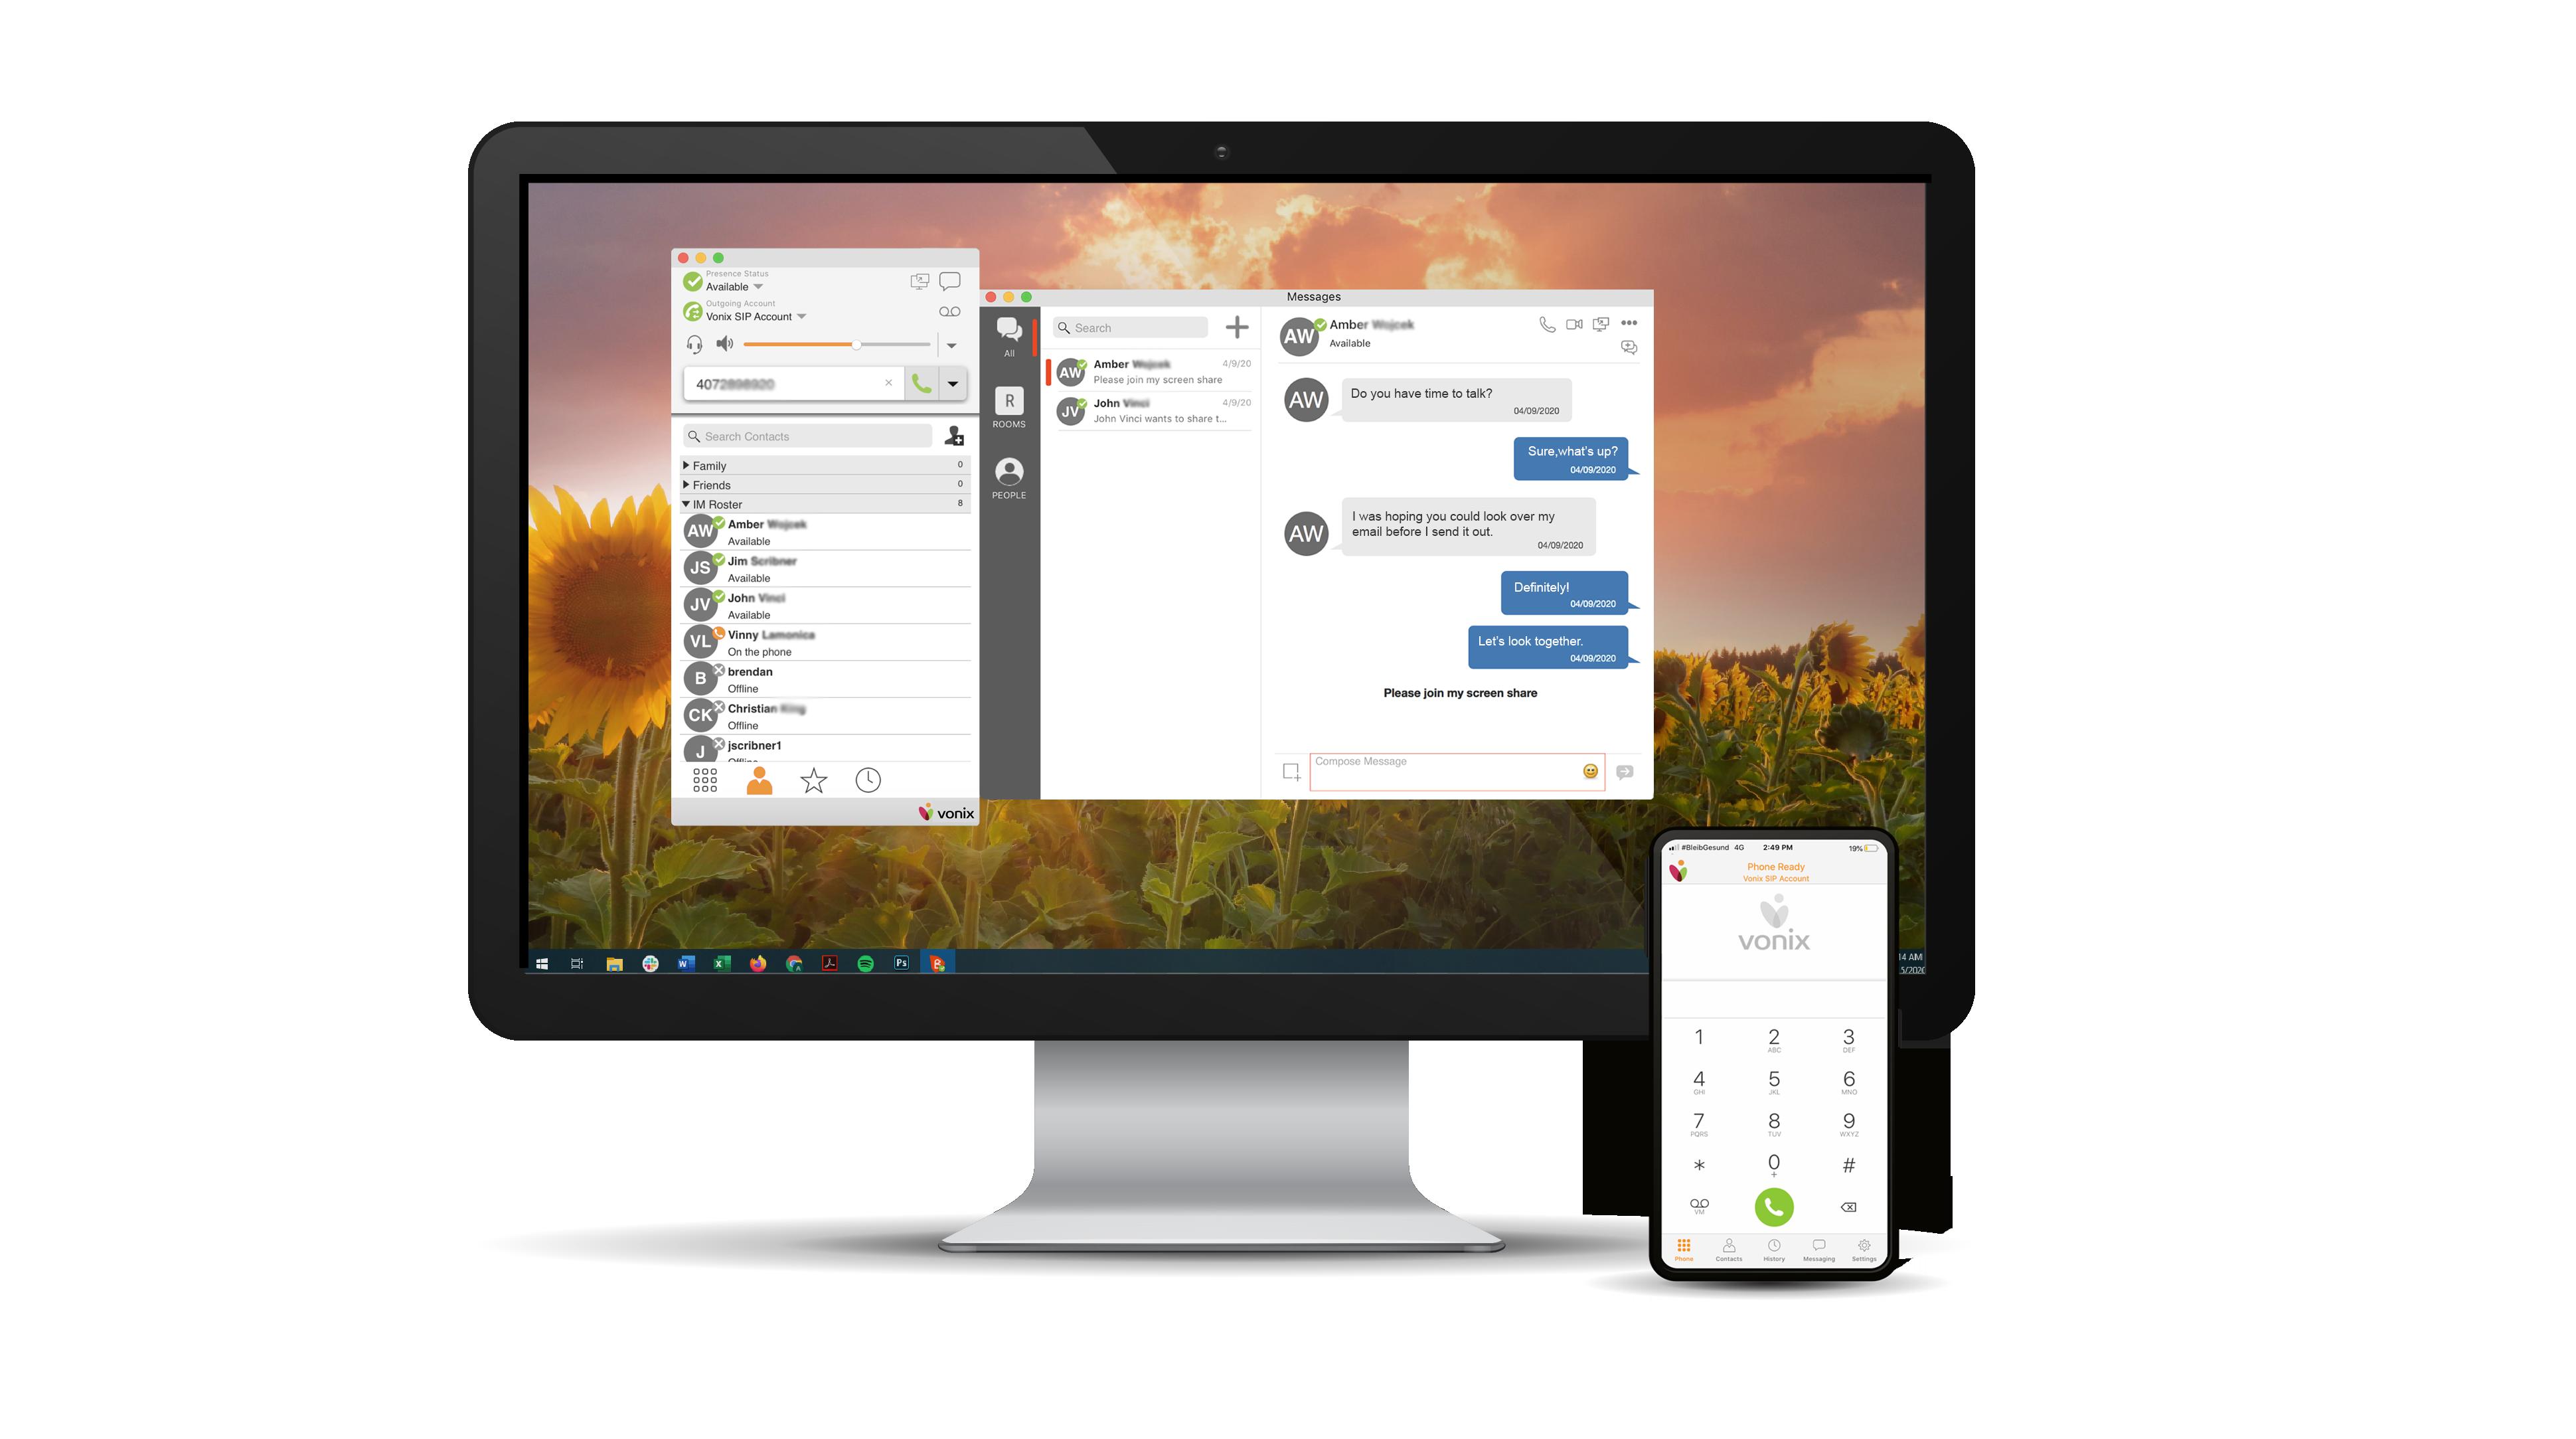 Vonix Desktop